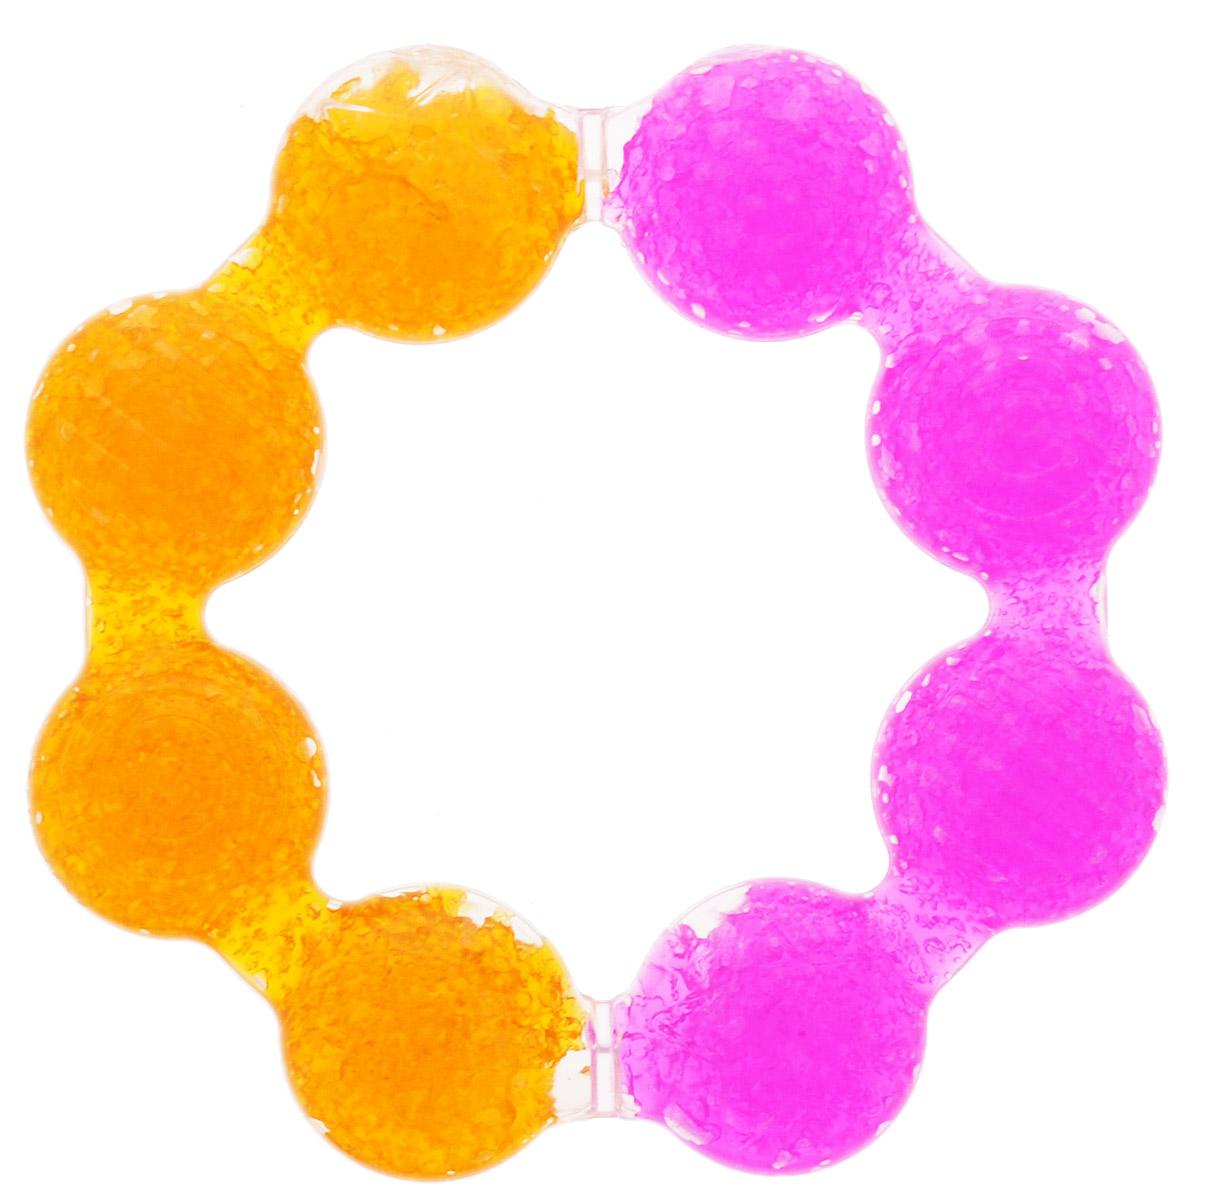 Munchkin Прорезыватель охлаждающий Цветок цвет розовый оранжевый munchkin прорезыватель охлаждающий ладошка цвет розовый